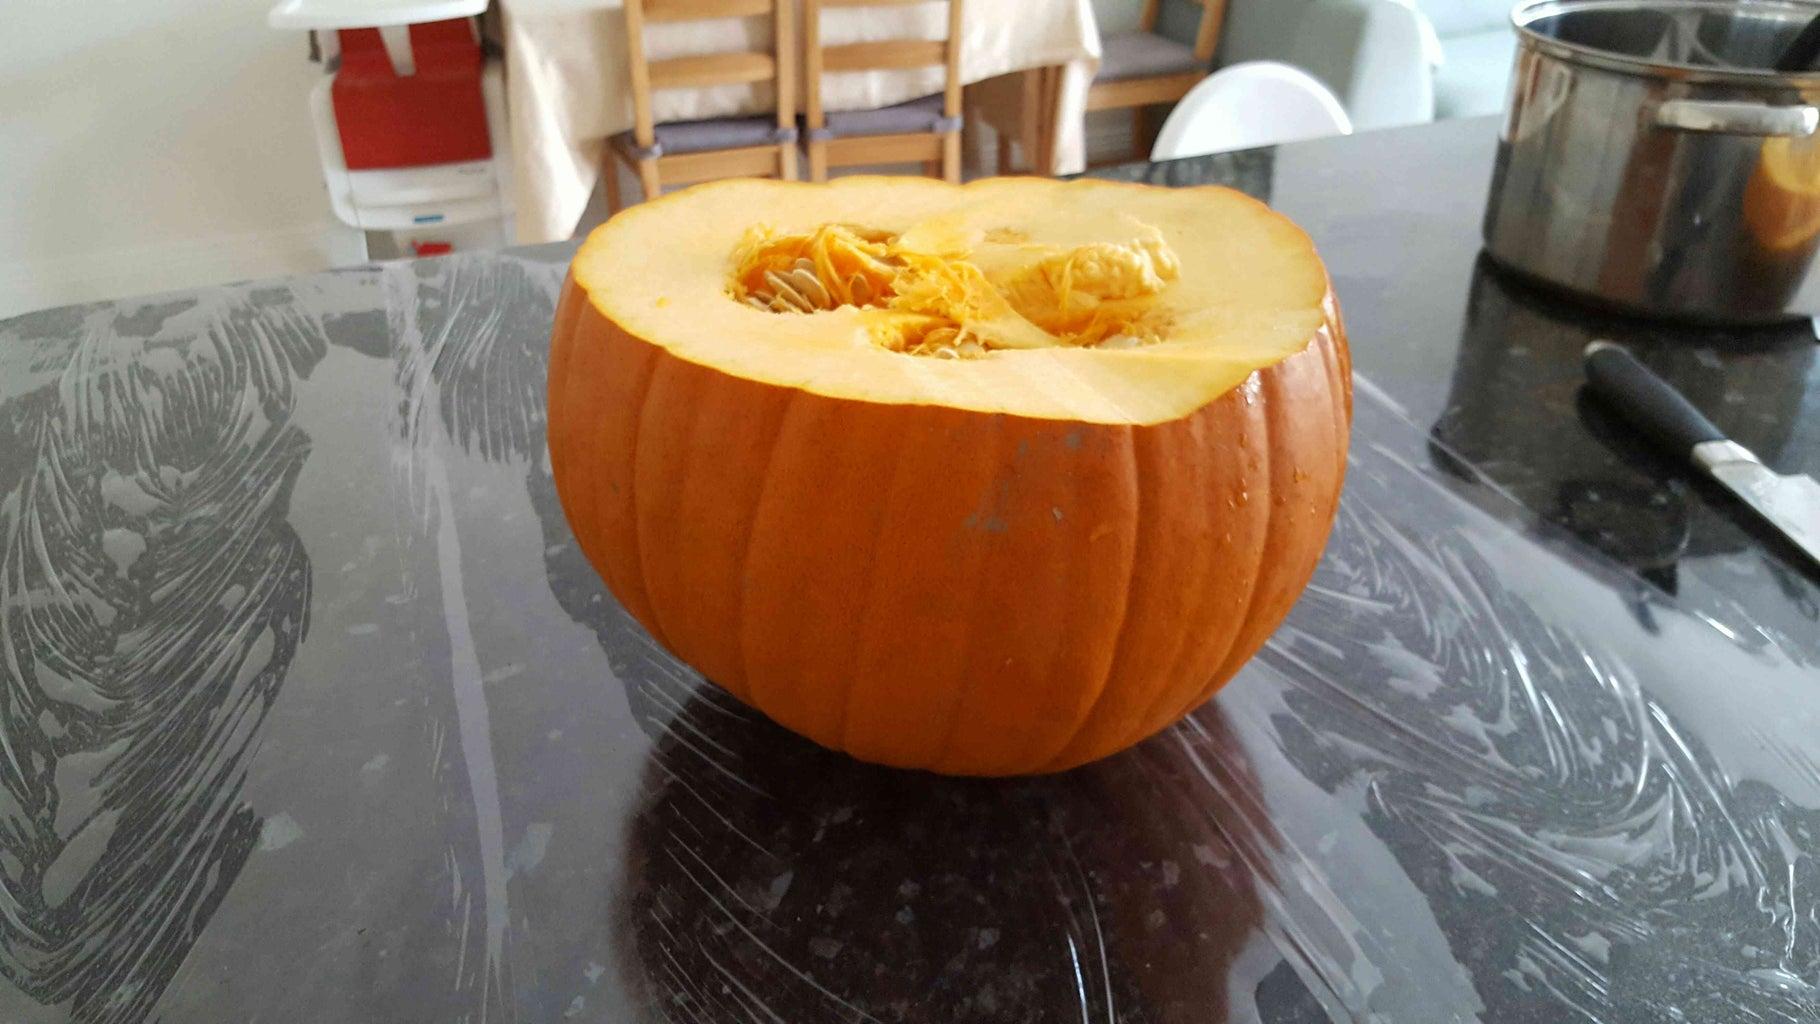 Cut and Clean the Pumpkin